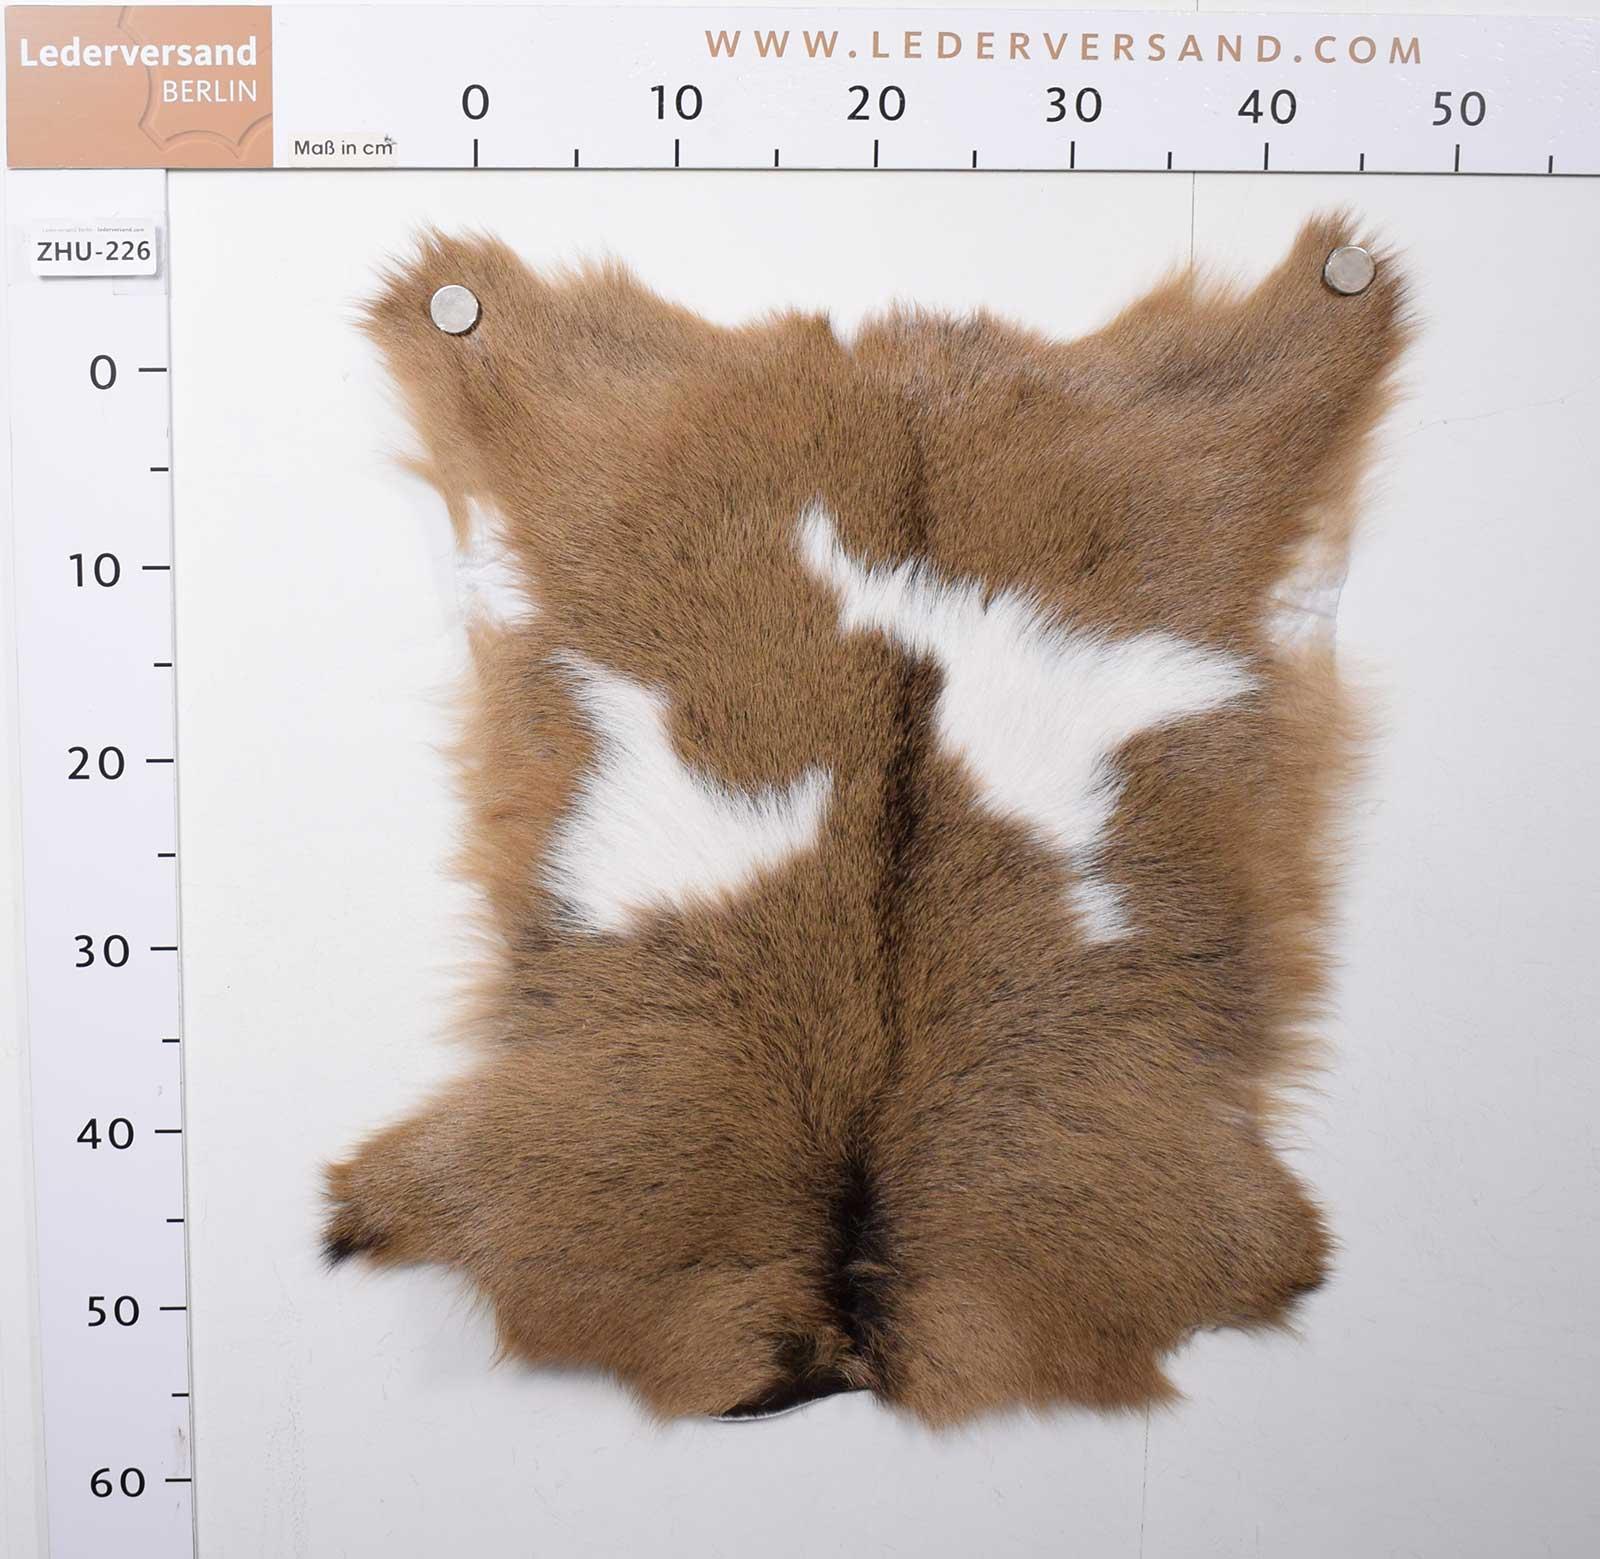 Grosse-Auswahl-Ziegenfelle-Naturfelle-traditionell-aus-Siebenbuergen-zhu